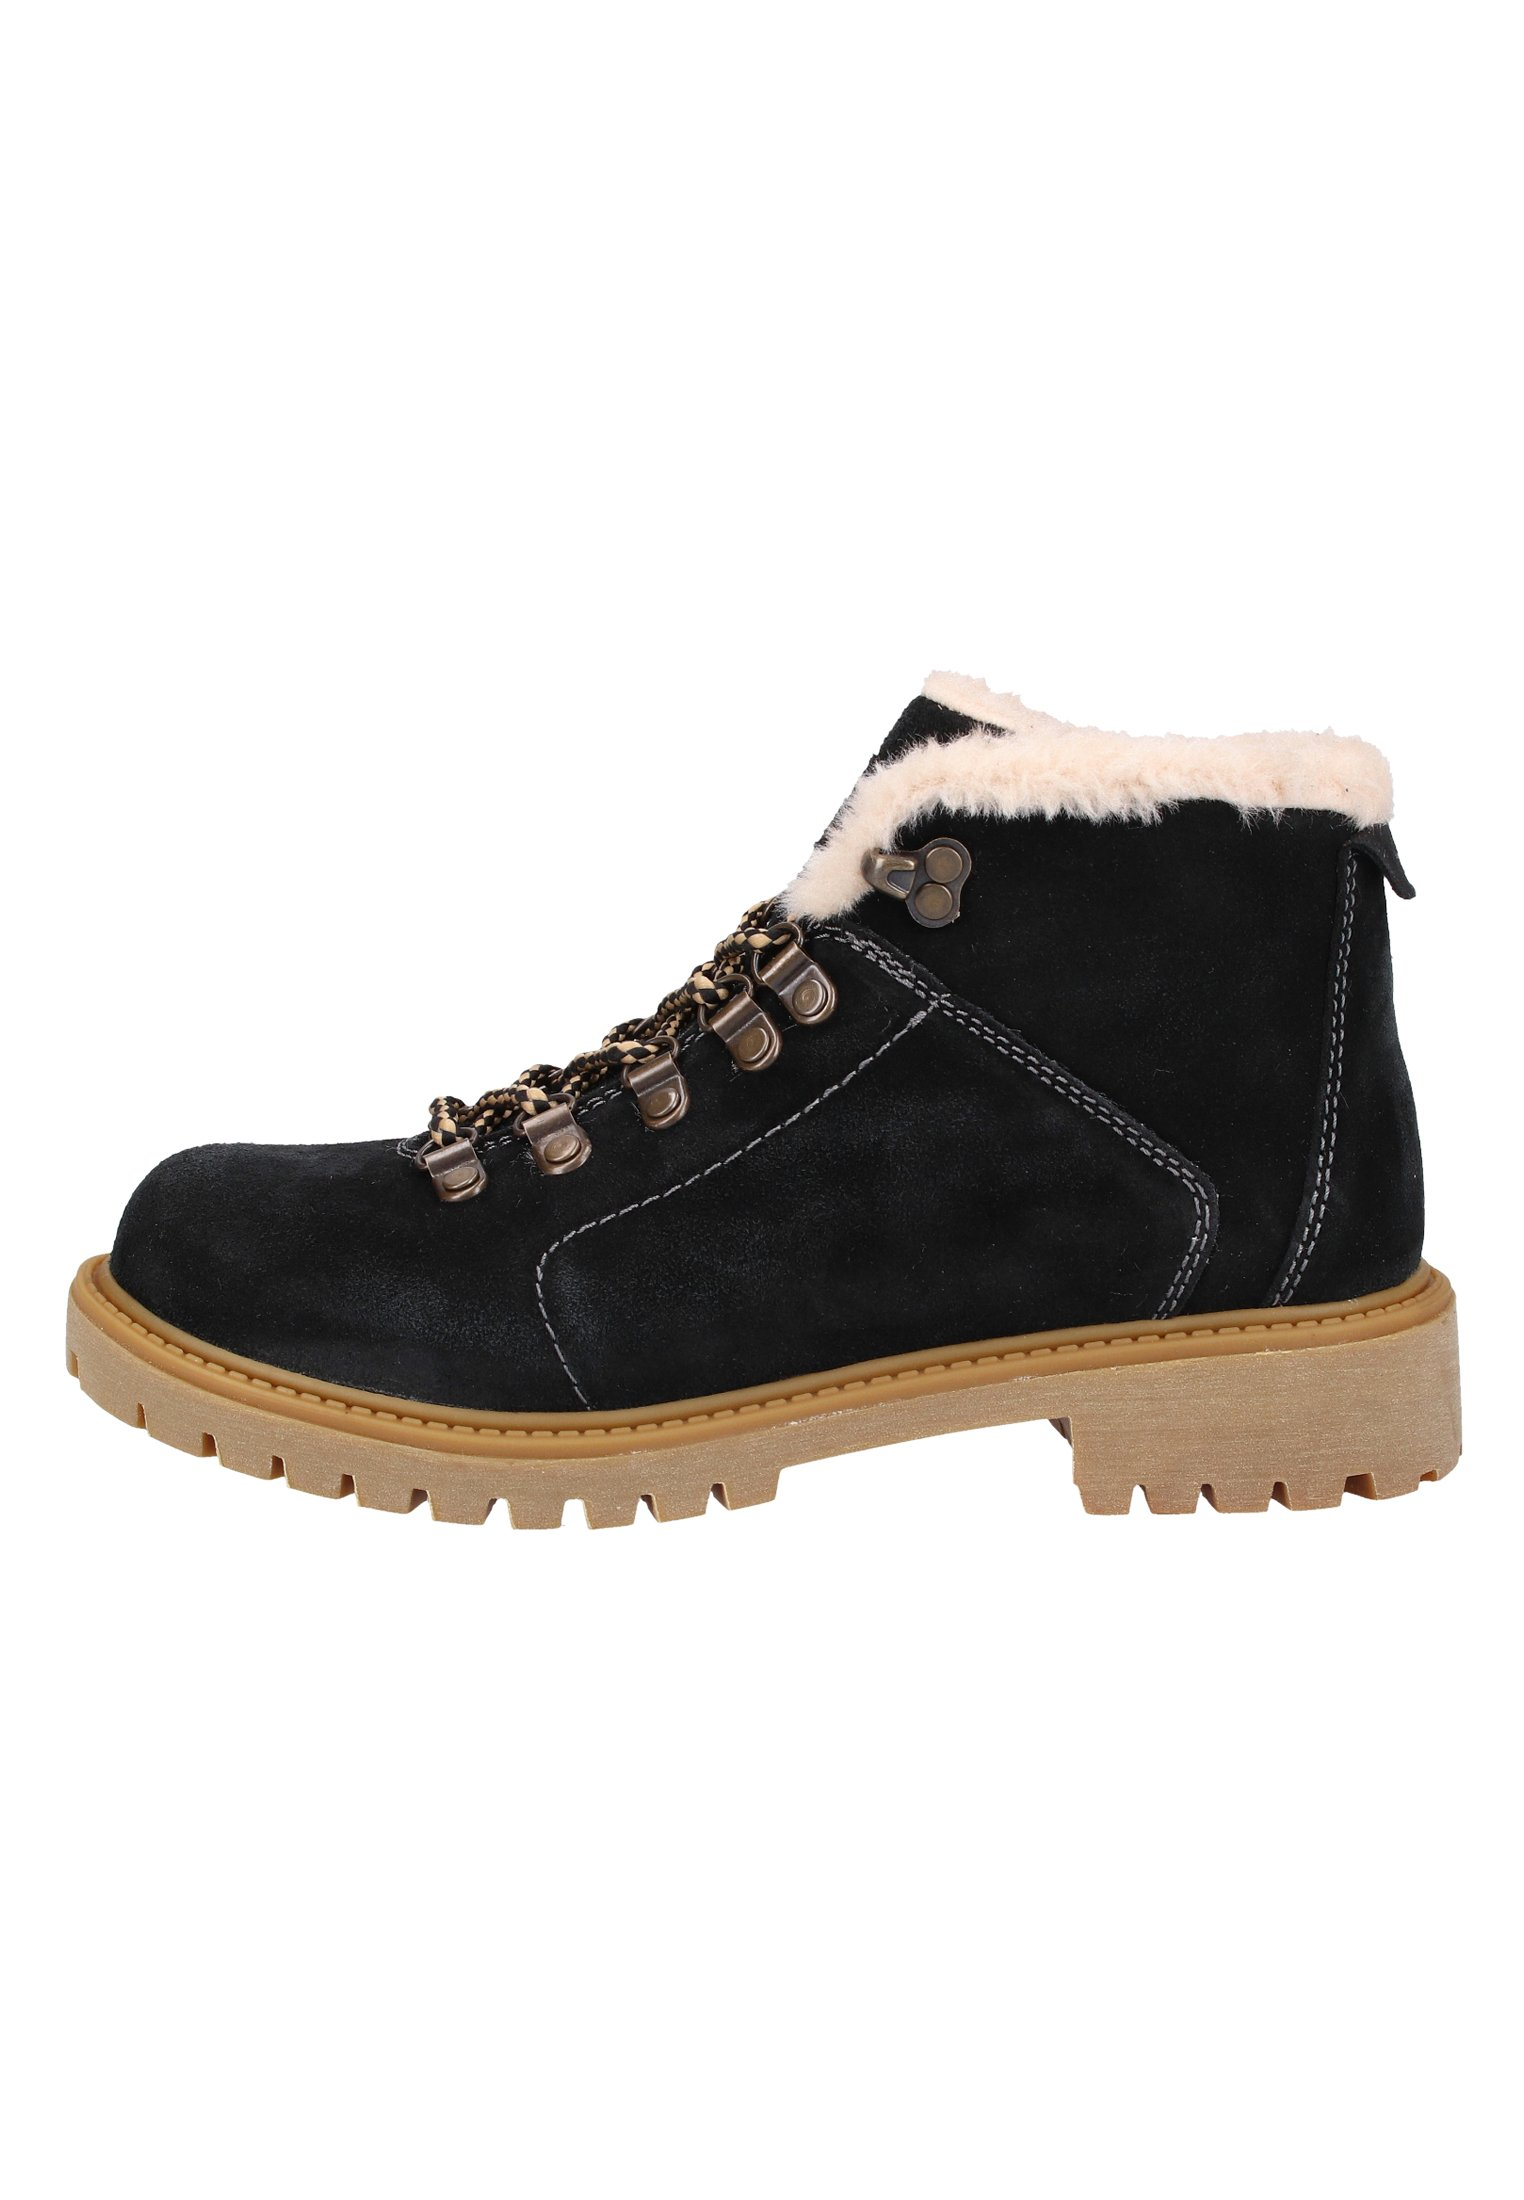 Darkwood Schuhe online kaufen | Upgrade für deinen